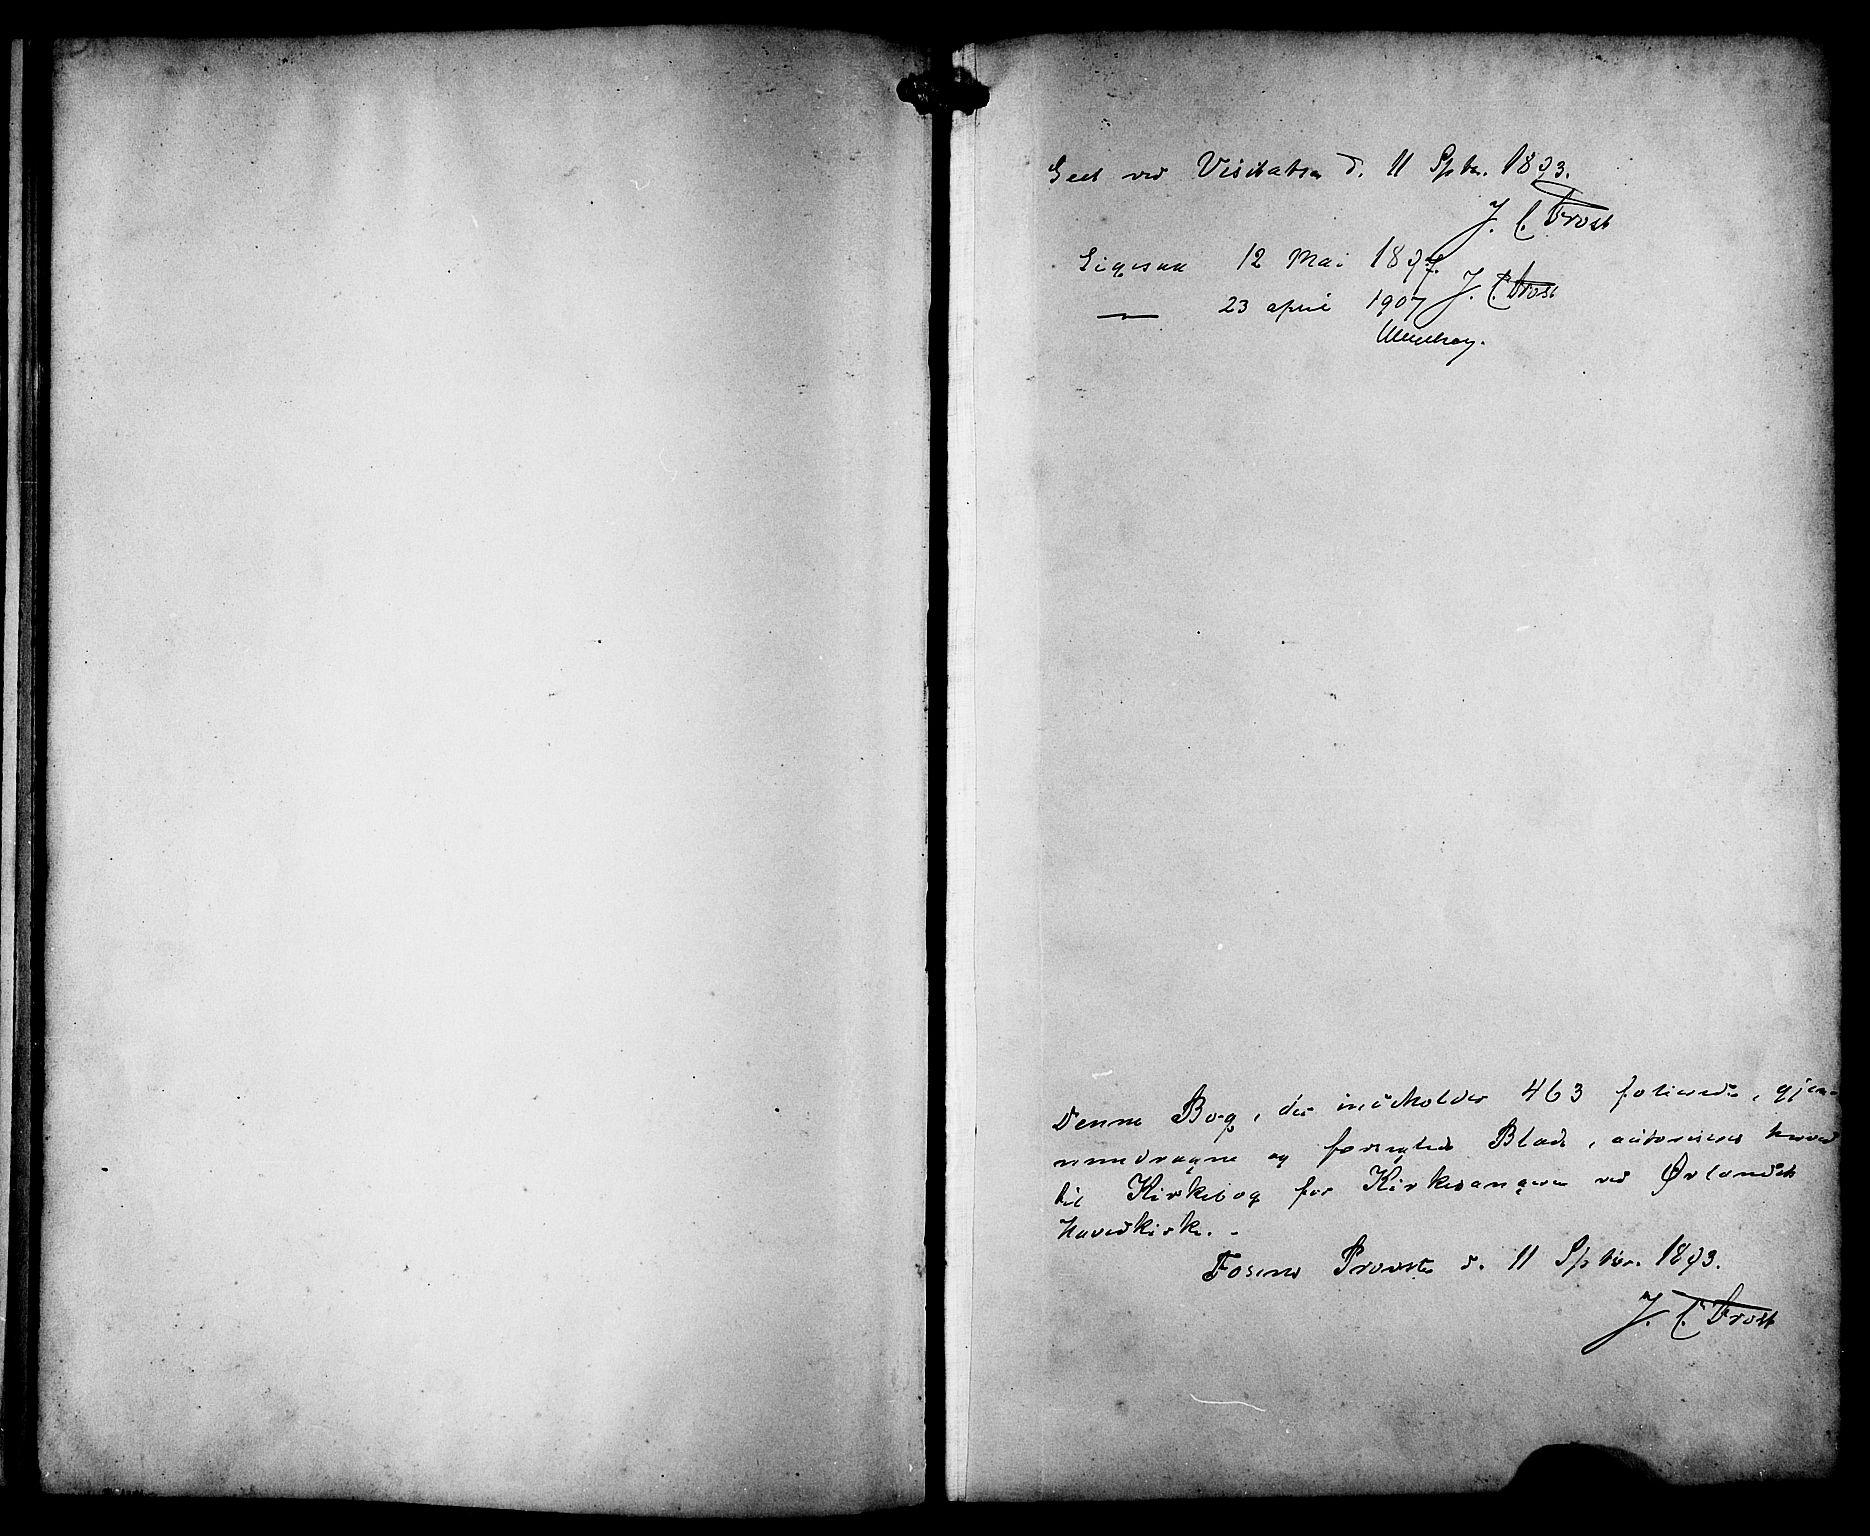 SAT, Ministerialprotokoller, klokkerbøker og fødselsregistre - Sør-Trøndelag, 659/L0746: Klokkerbok nr. 659C03, 1893-1912